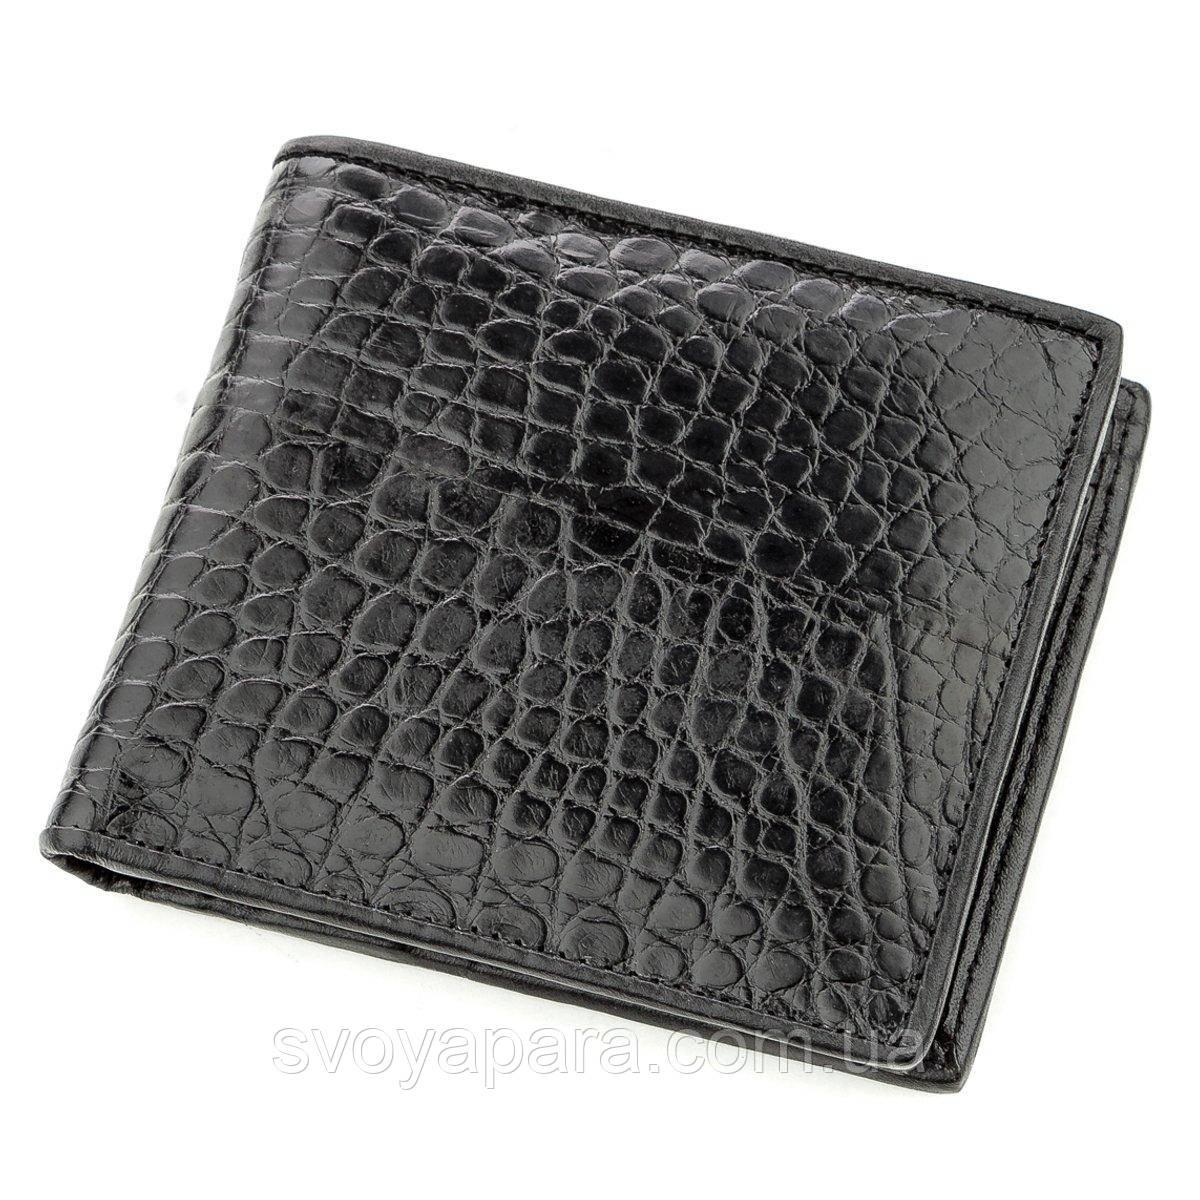 Бумажник мужской CROCODILE LEATHER 18584 из натуральной кожи крокодила Черный